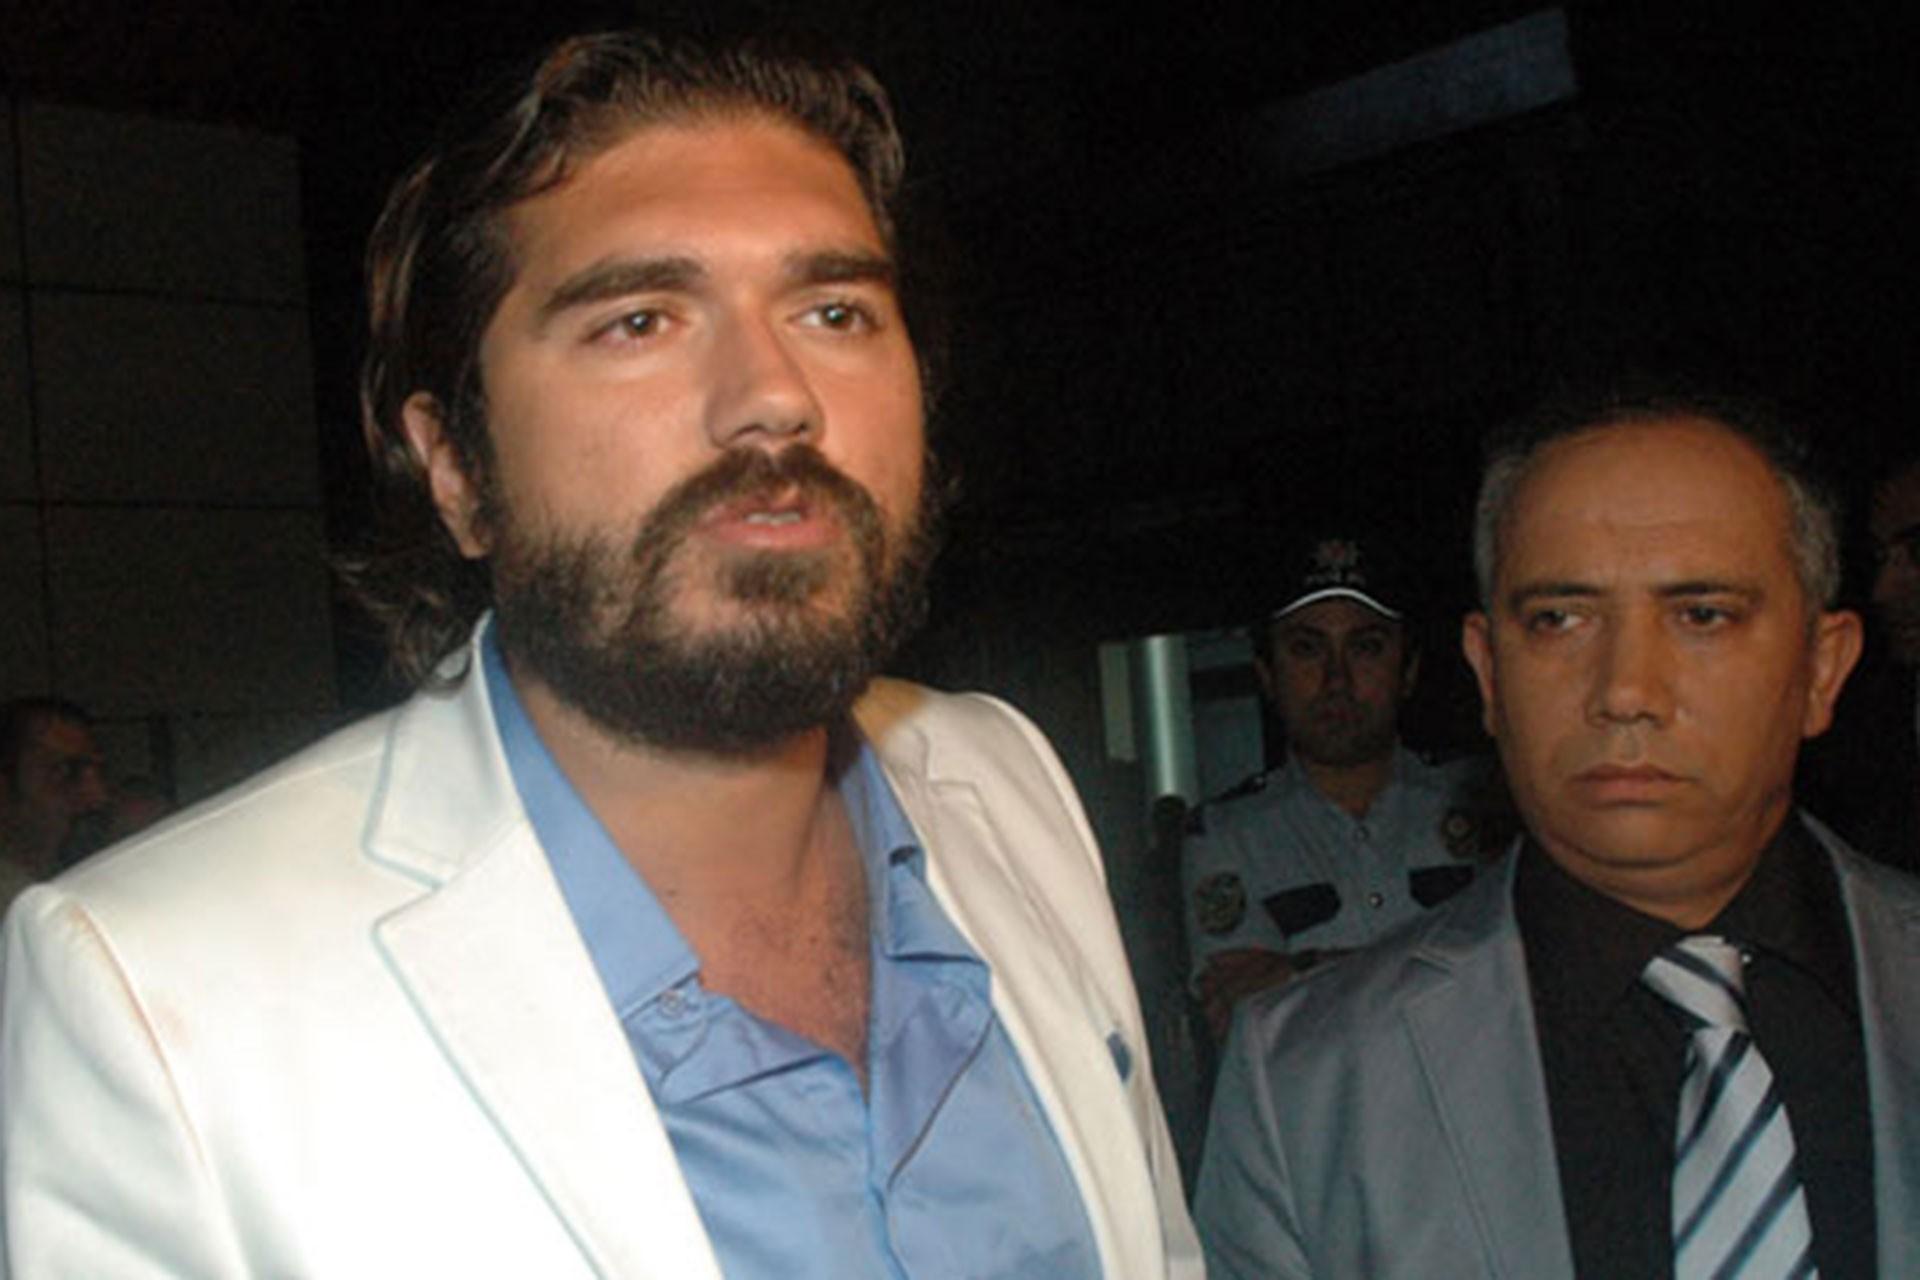 Rasim Ozan Kütahyalı hakkında yakalama kararı çıkarıldı